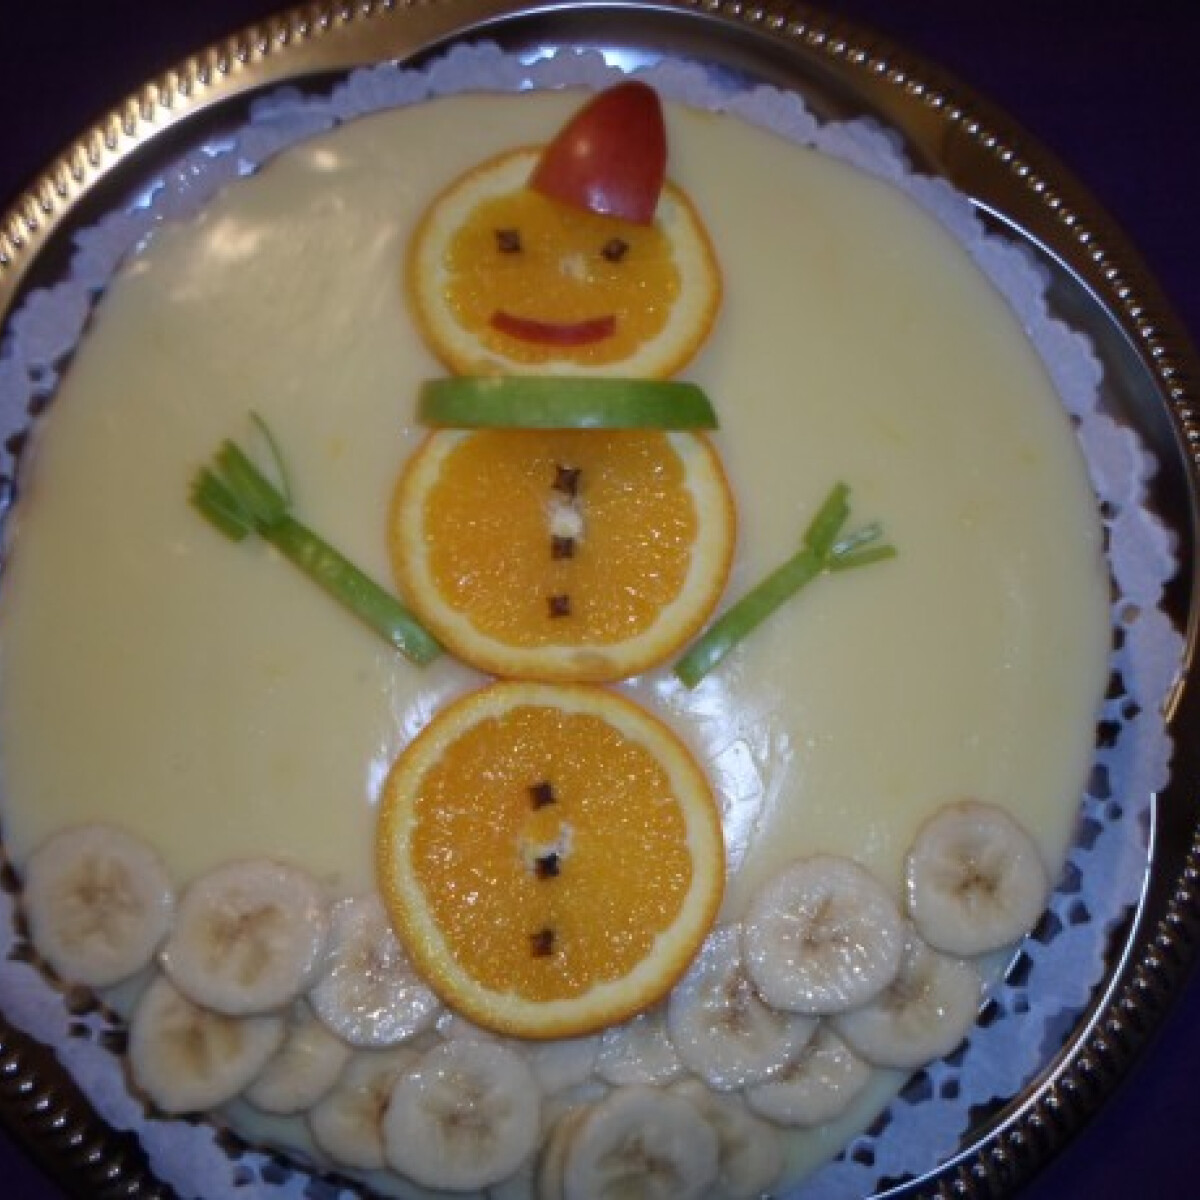 Ezen a képen: Narancsos diógubatorta